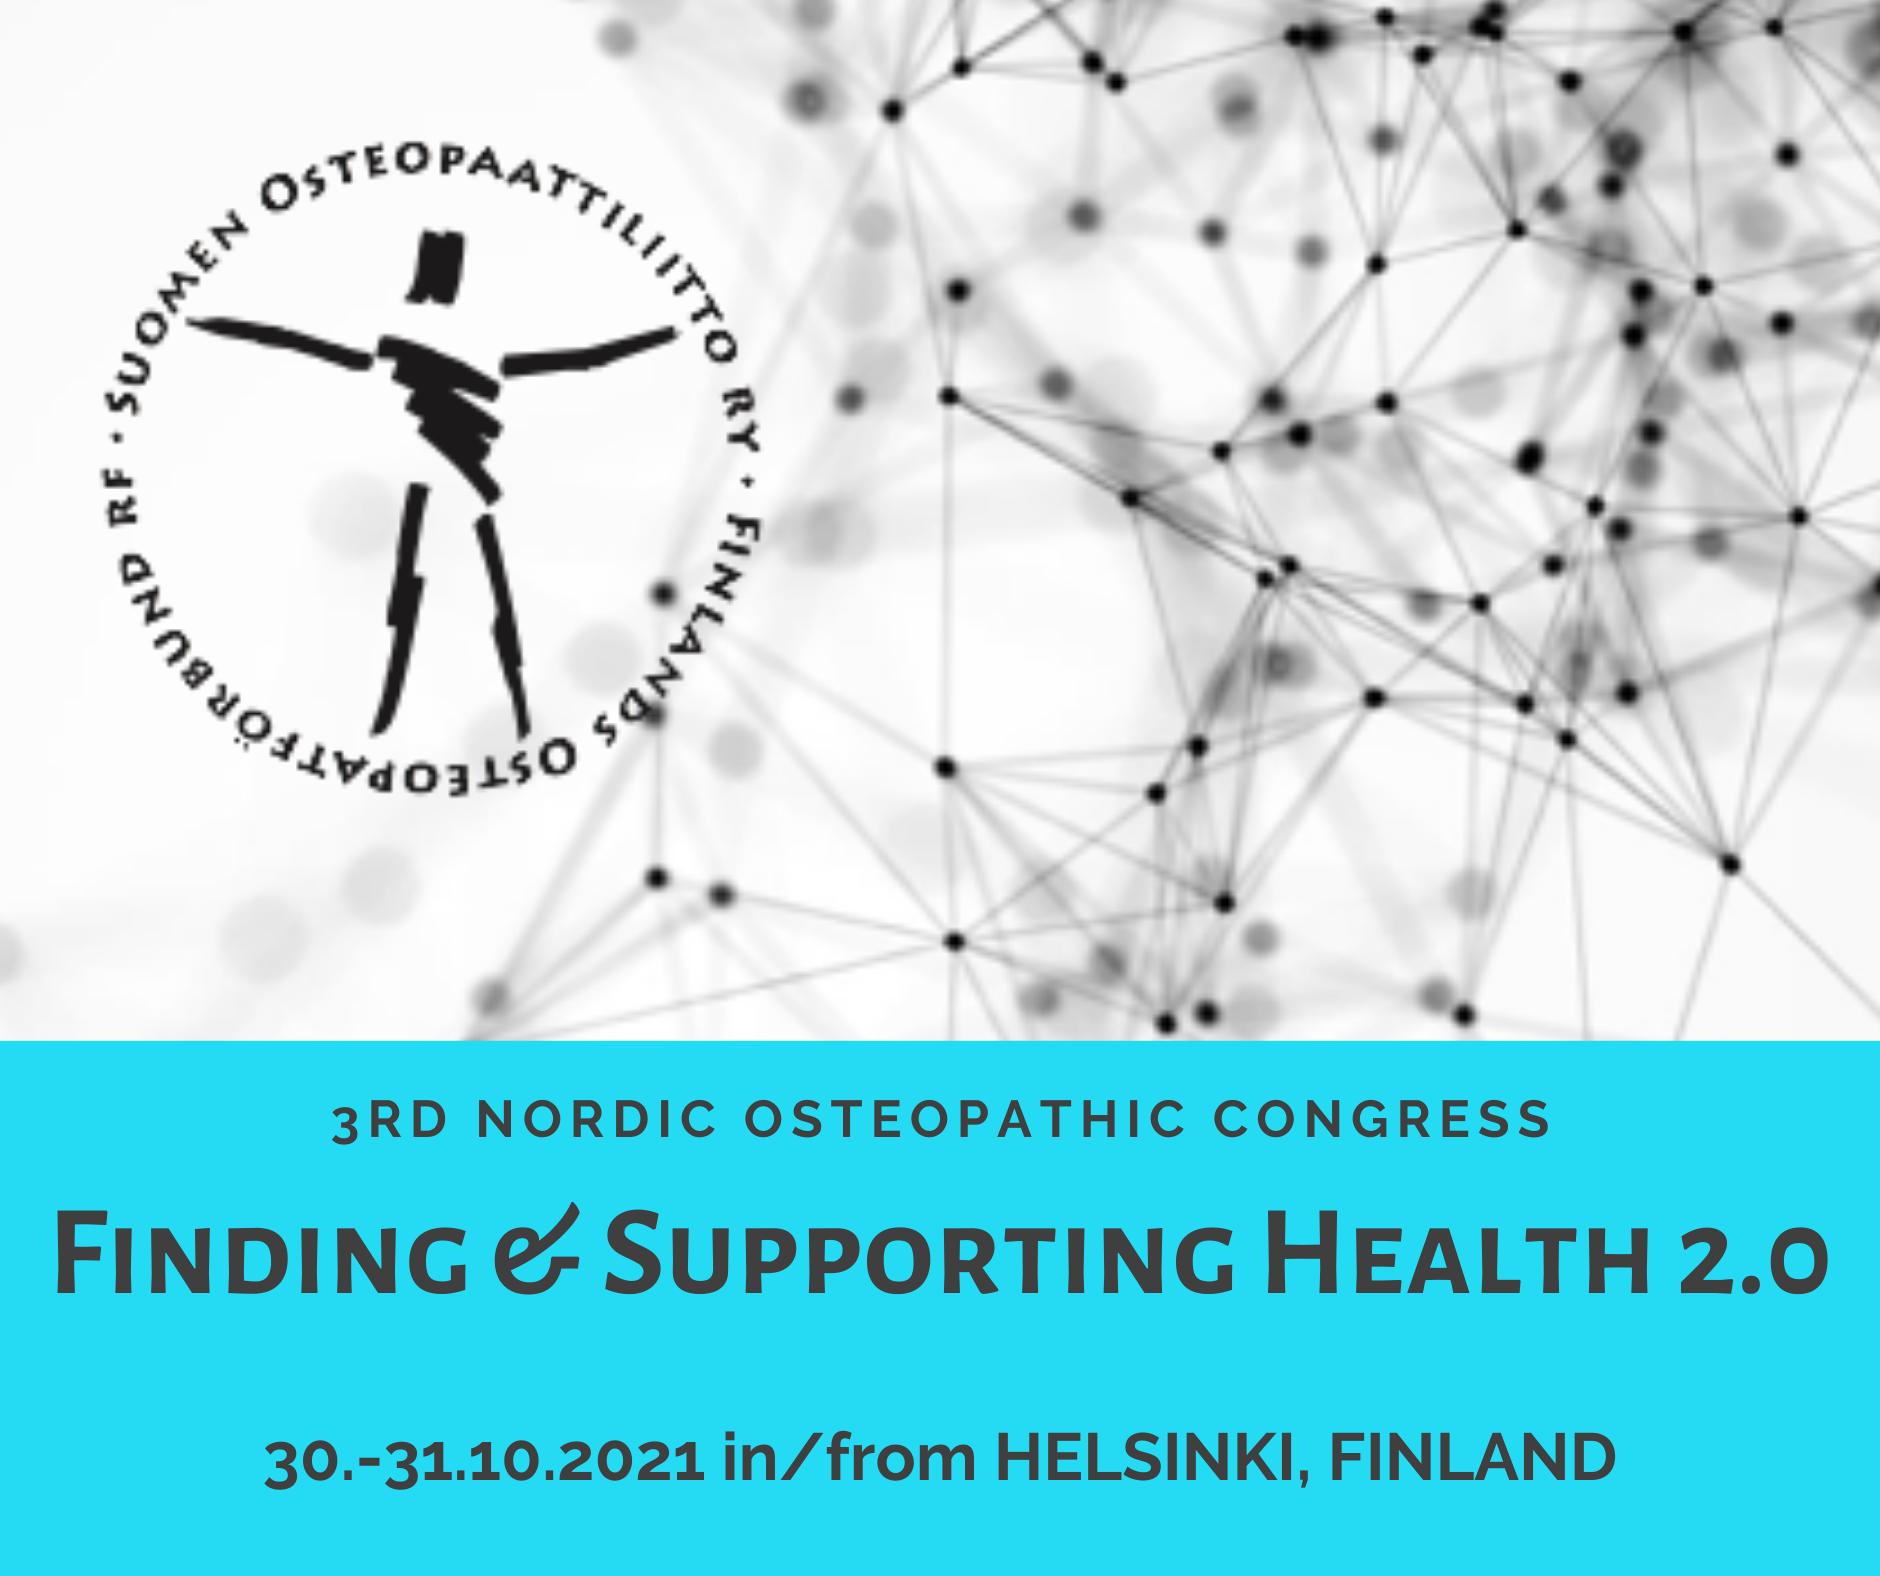 NordicOsteopathiCongress